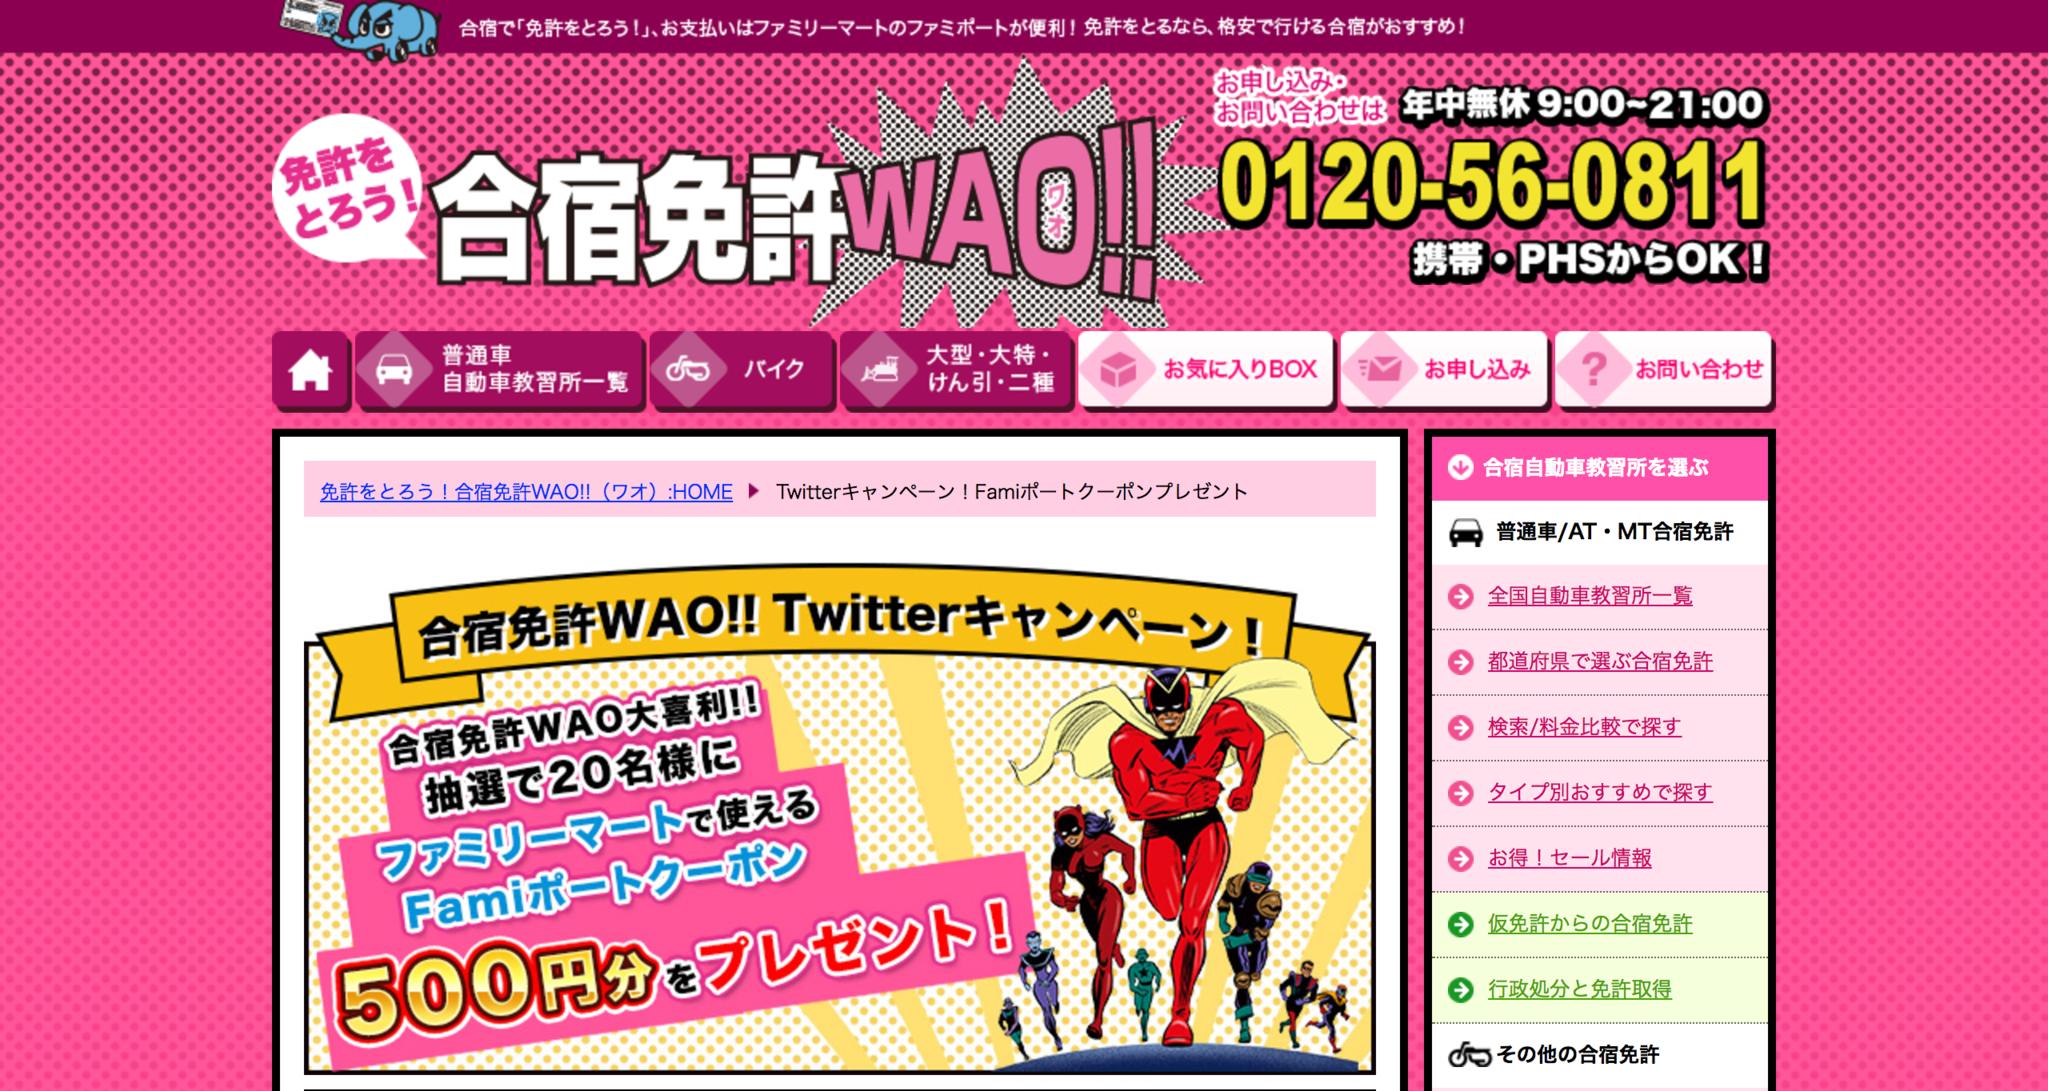 Twitterキャンペーン!Famiポートクーポンプレゼント[免許をとろう!合宿免許WAO__(ワオ)]【スマホ対応】.png